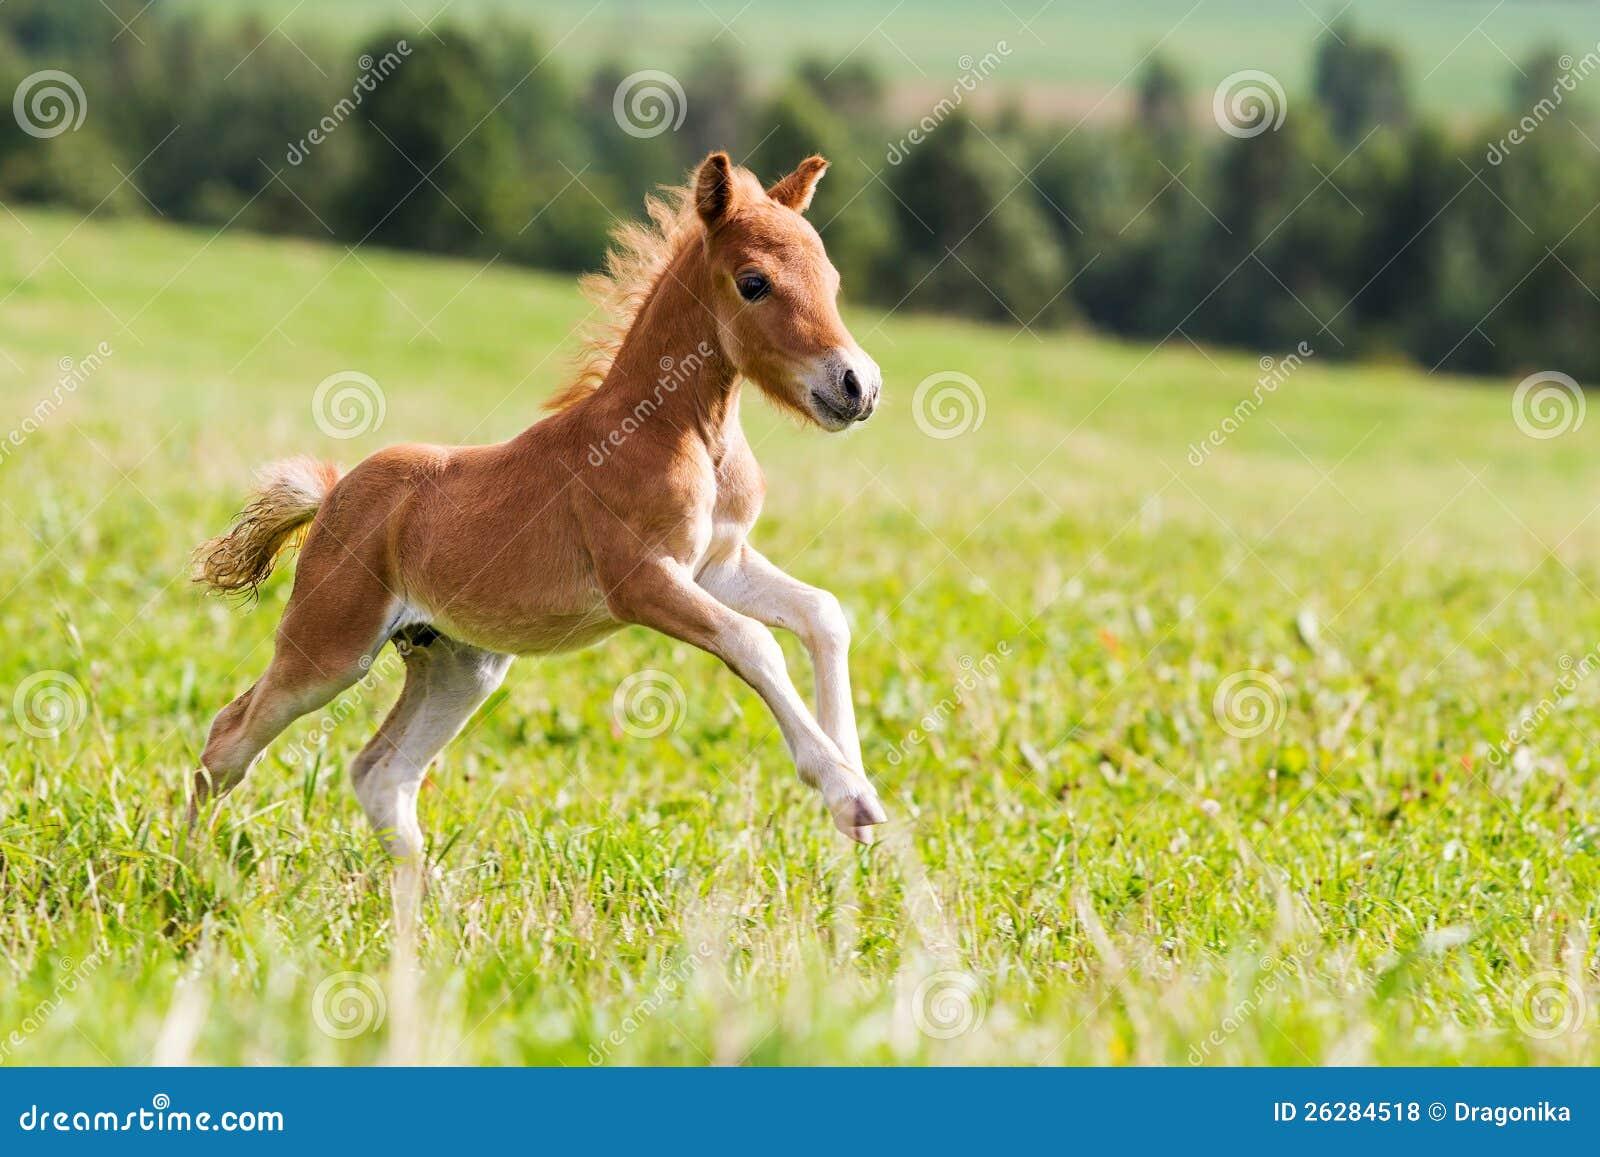 7 horses running wallpaper hd